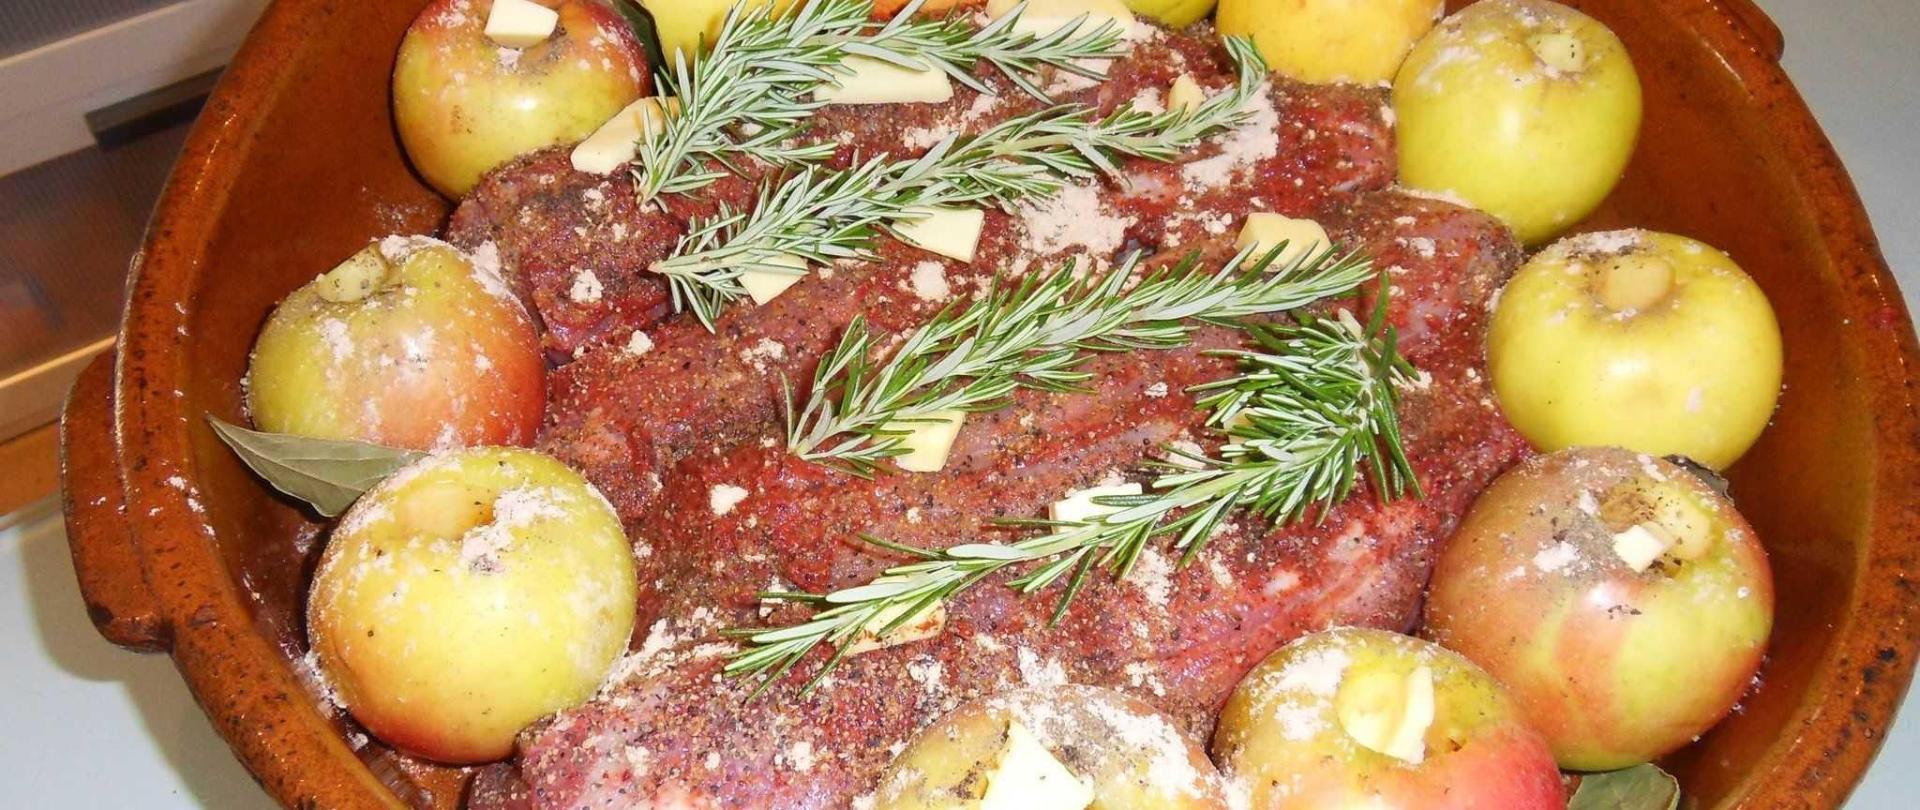 filet-mignon-la-moutarde-aux-moux-de-raisin-et-pommes-1.JPG